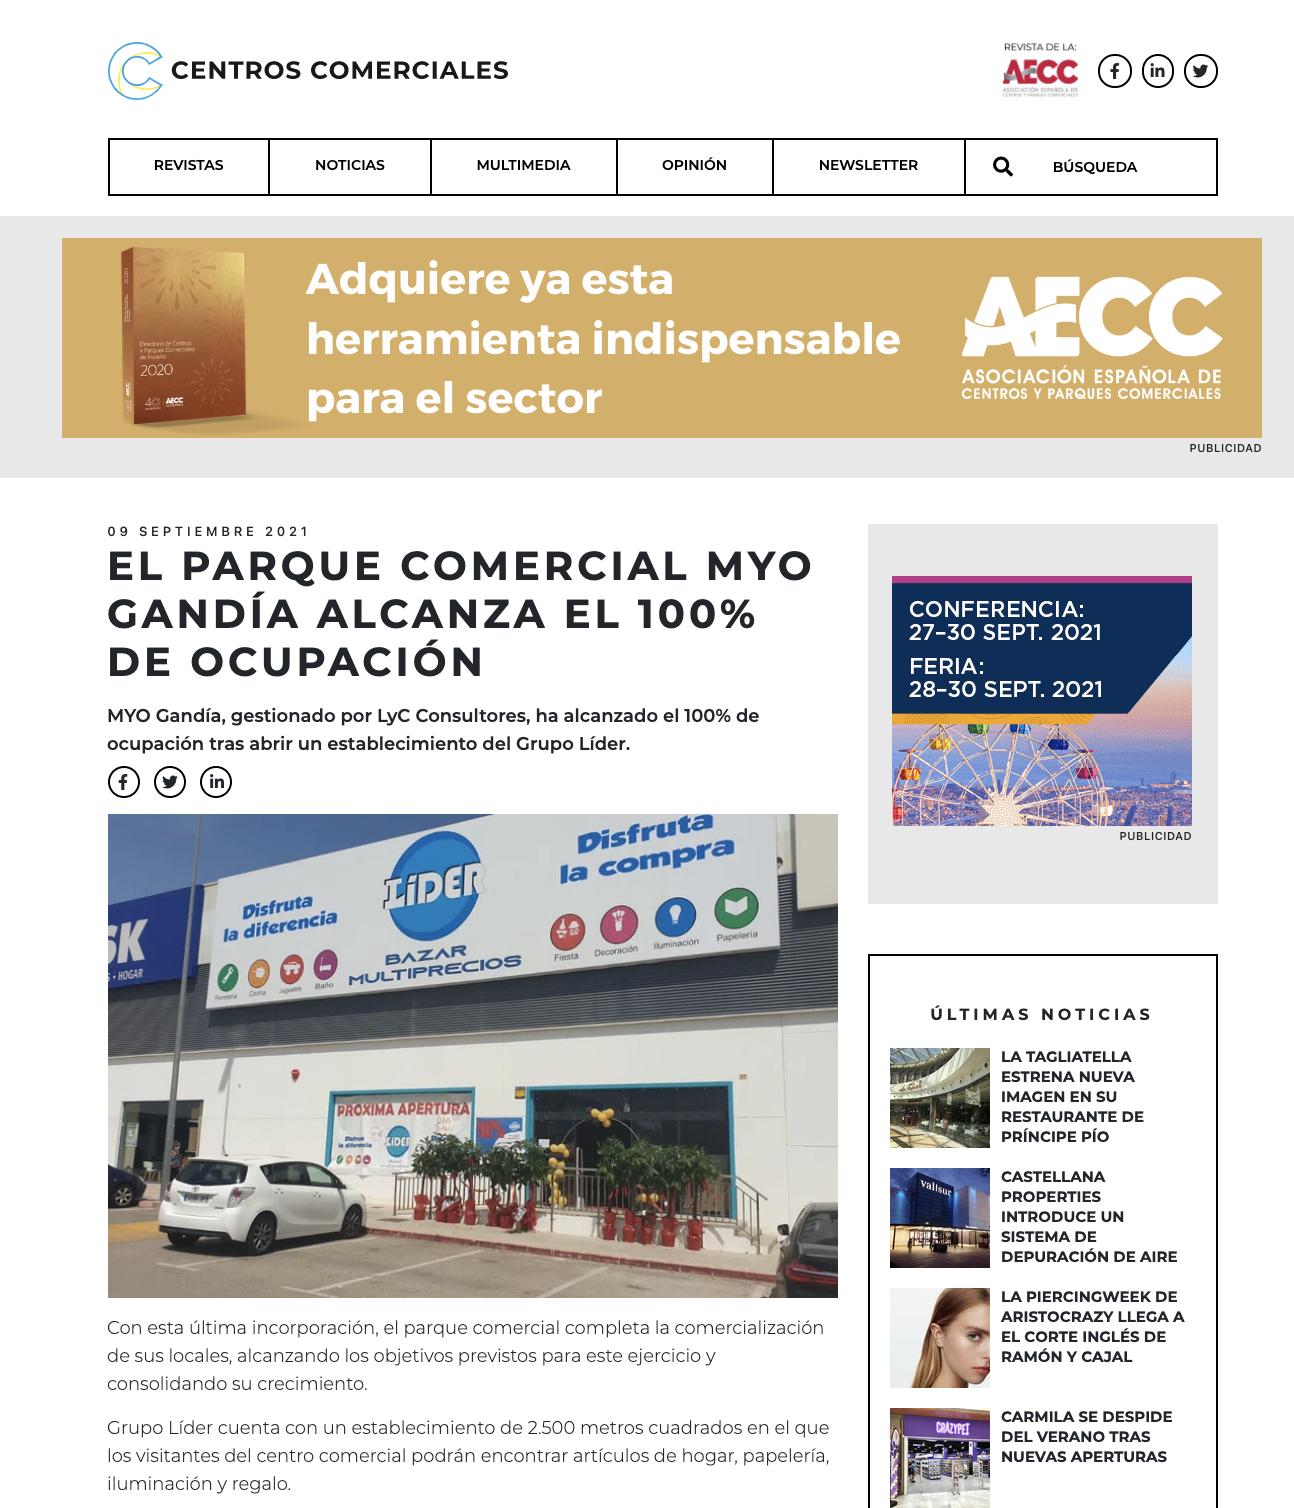 El parque comercial MYO Gandía alcanza el 100% de ocupación